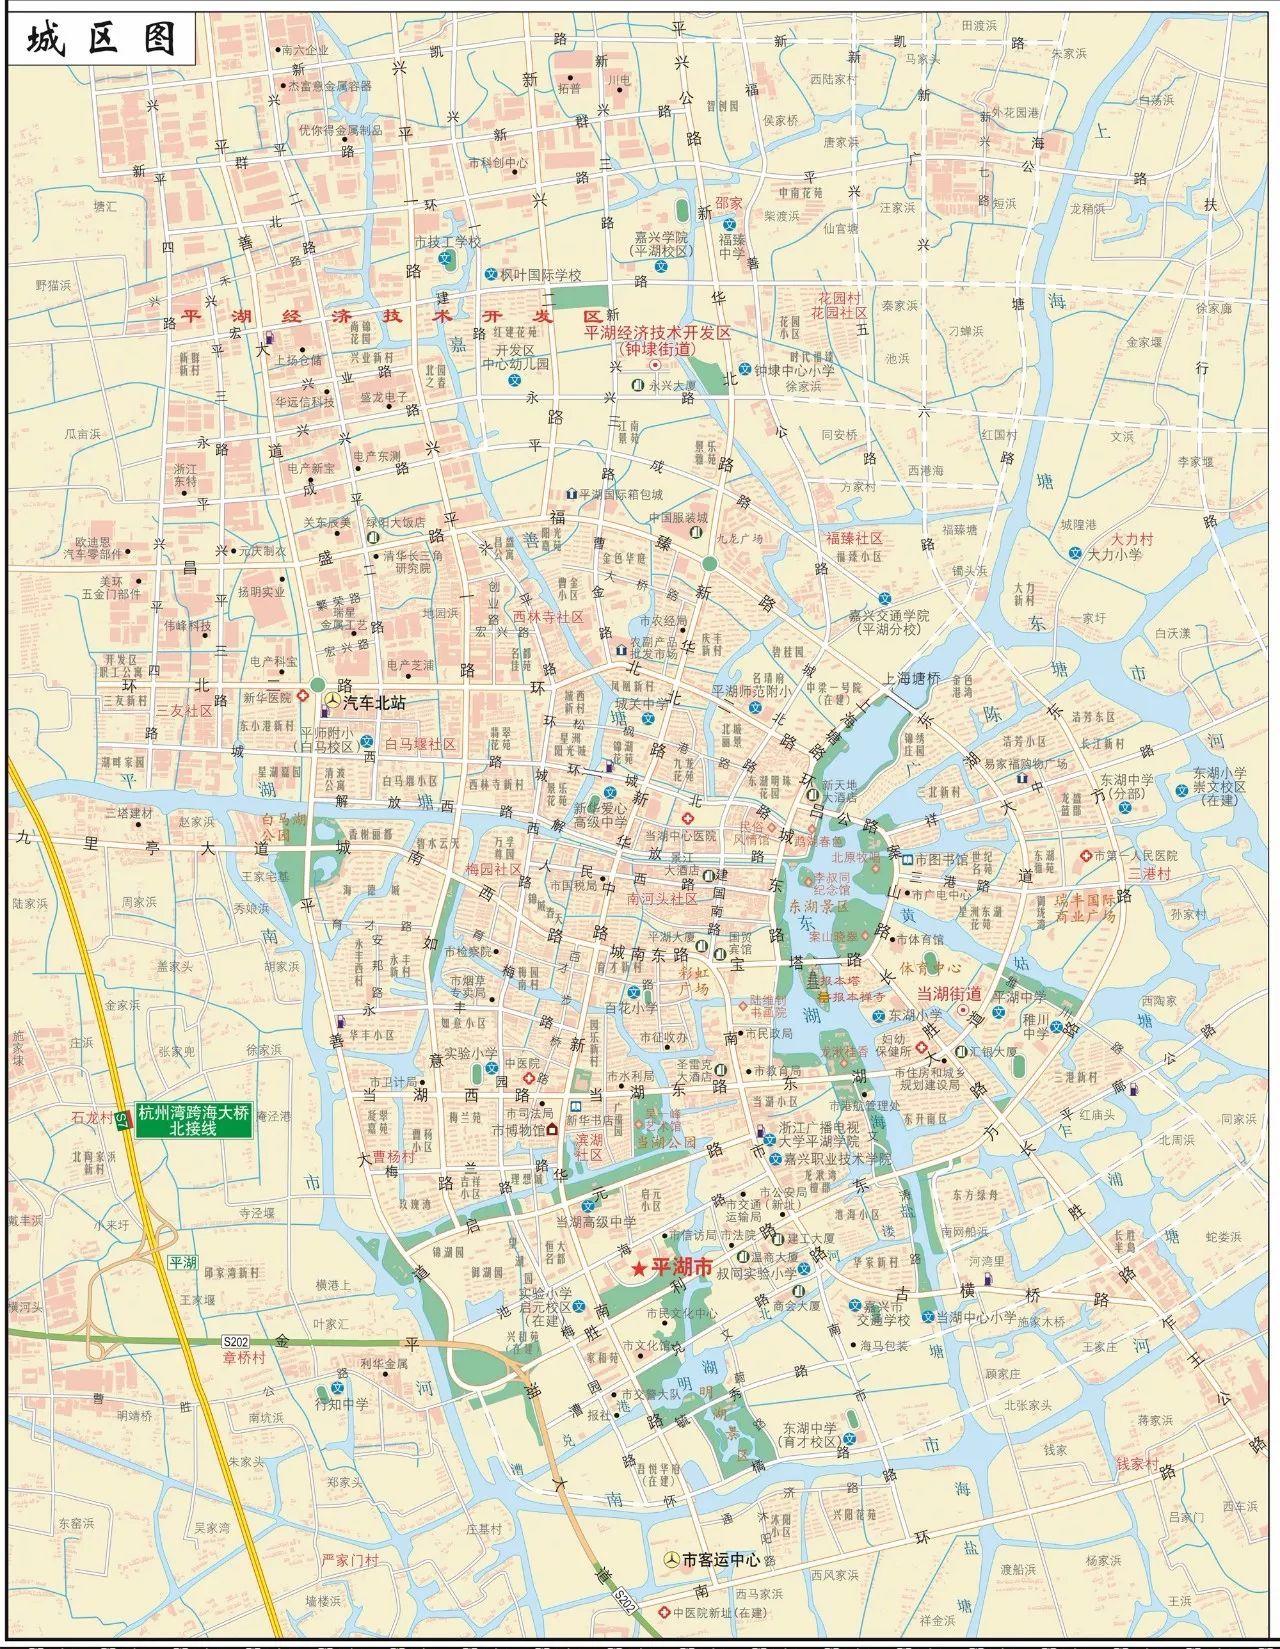 平湖新版地圖即將出版!新老地圖全放送!一定有你沒見過的圖片